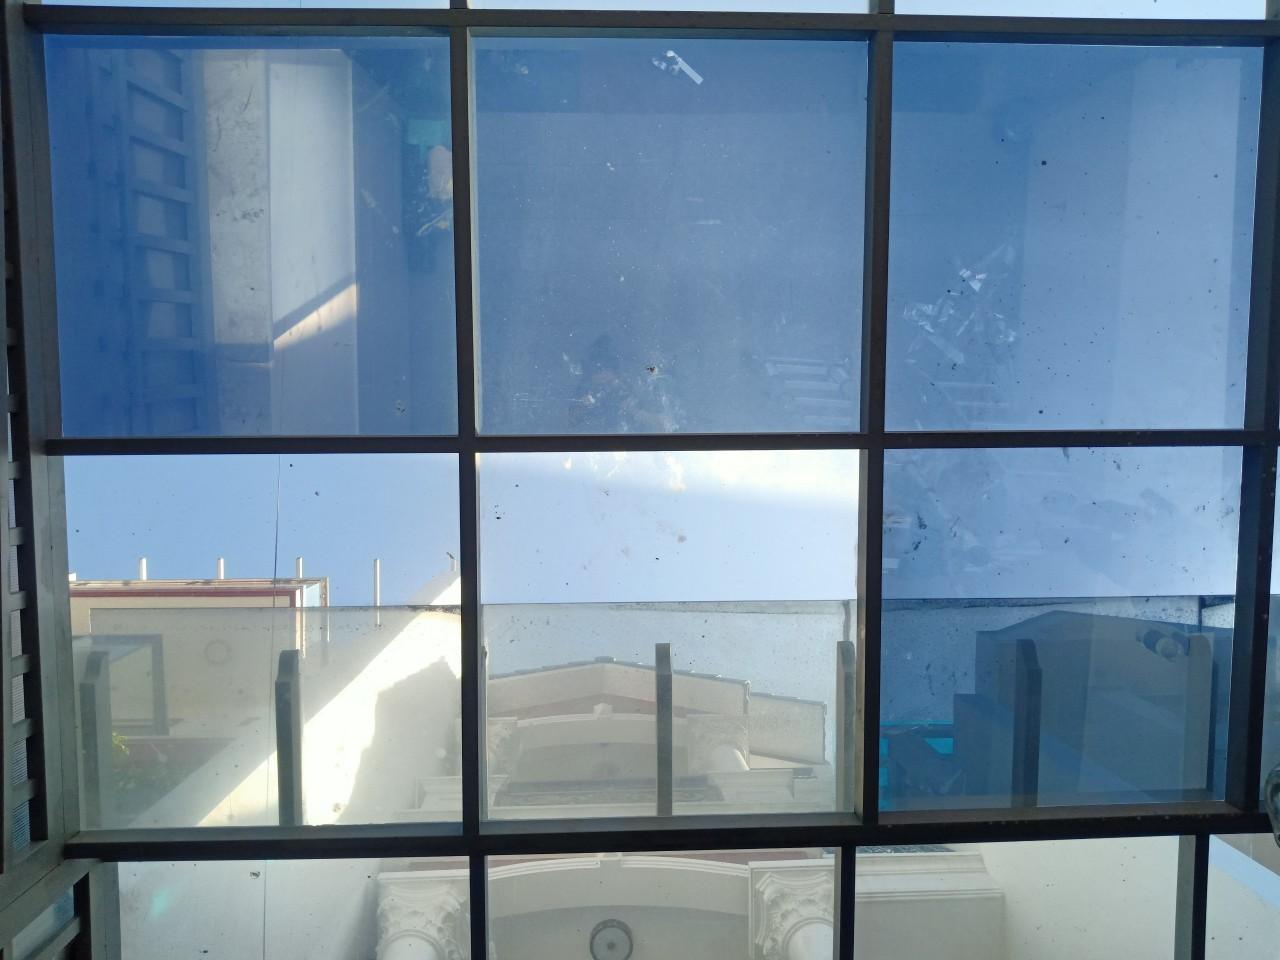 Phim cách nhiệt Wintech có khả năng chống tia UV đến 99%